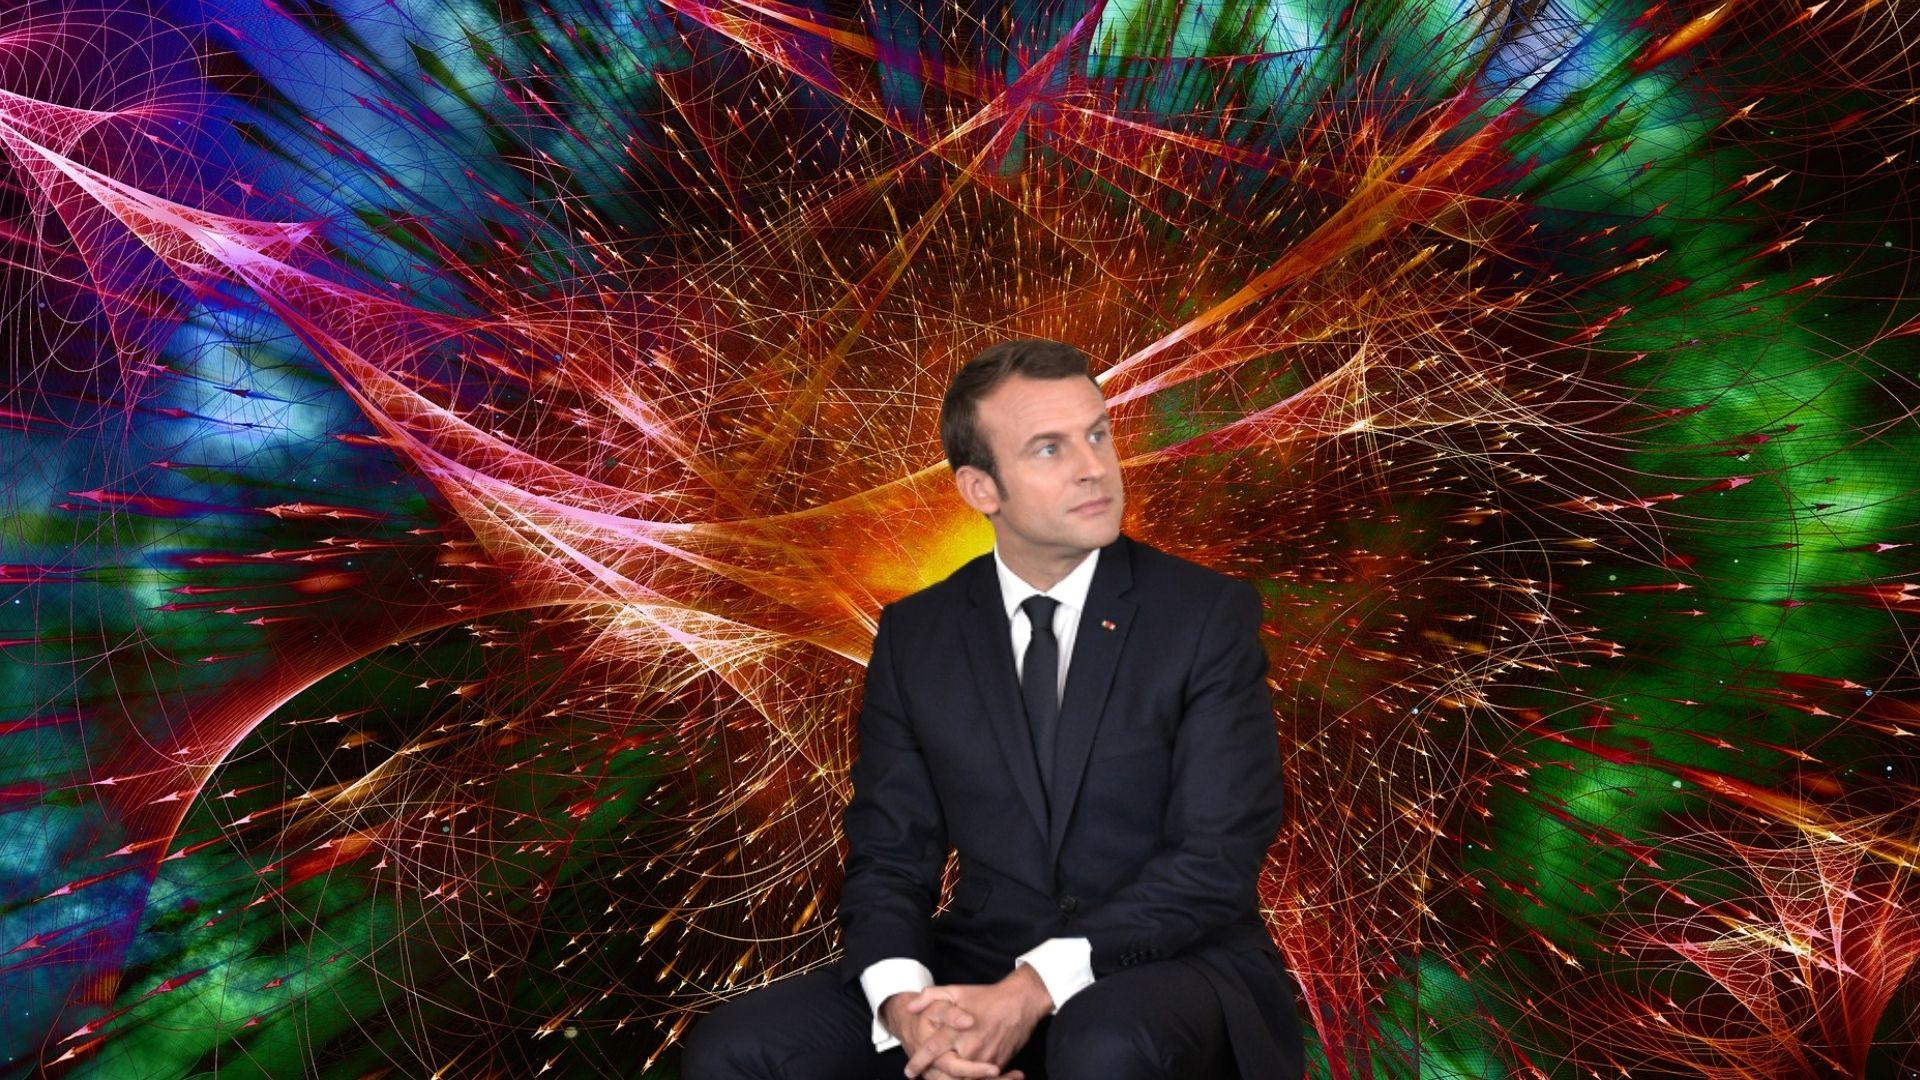 Emmanuel Macron dévoile la stratégie de la France pour l'informatique quantique : un plan à 1,8 milliard d'euros pour défier Chine et USA.